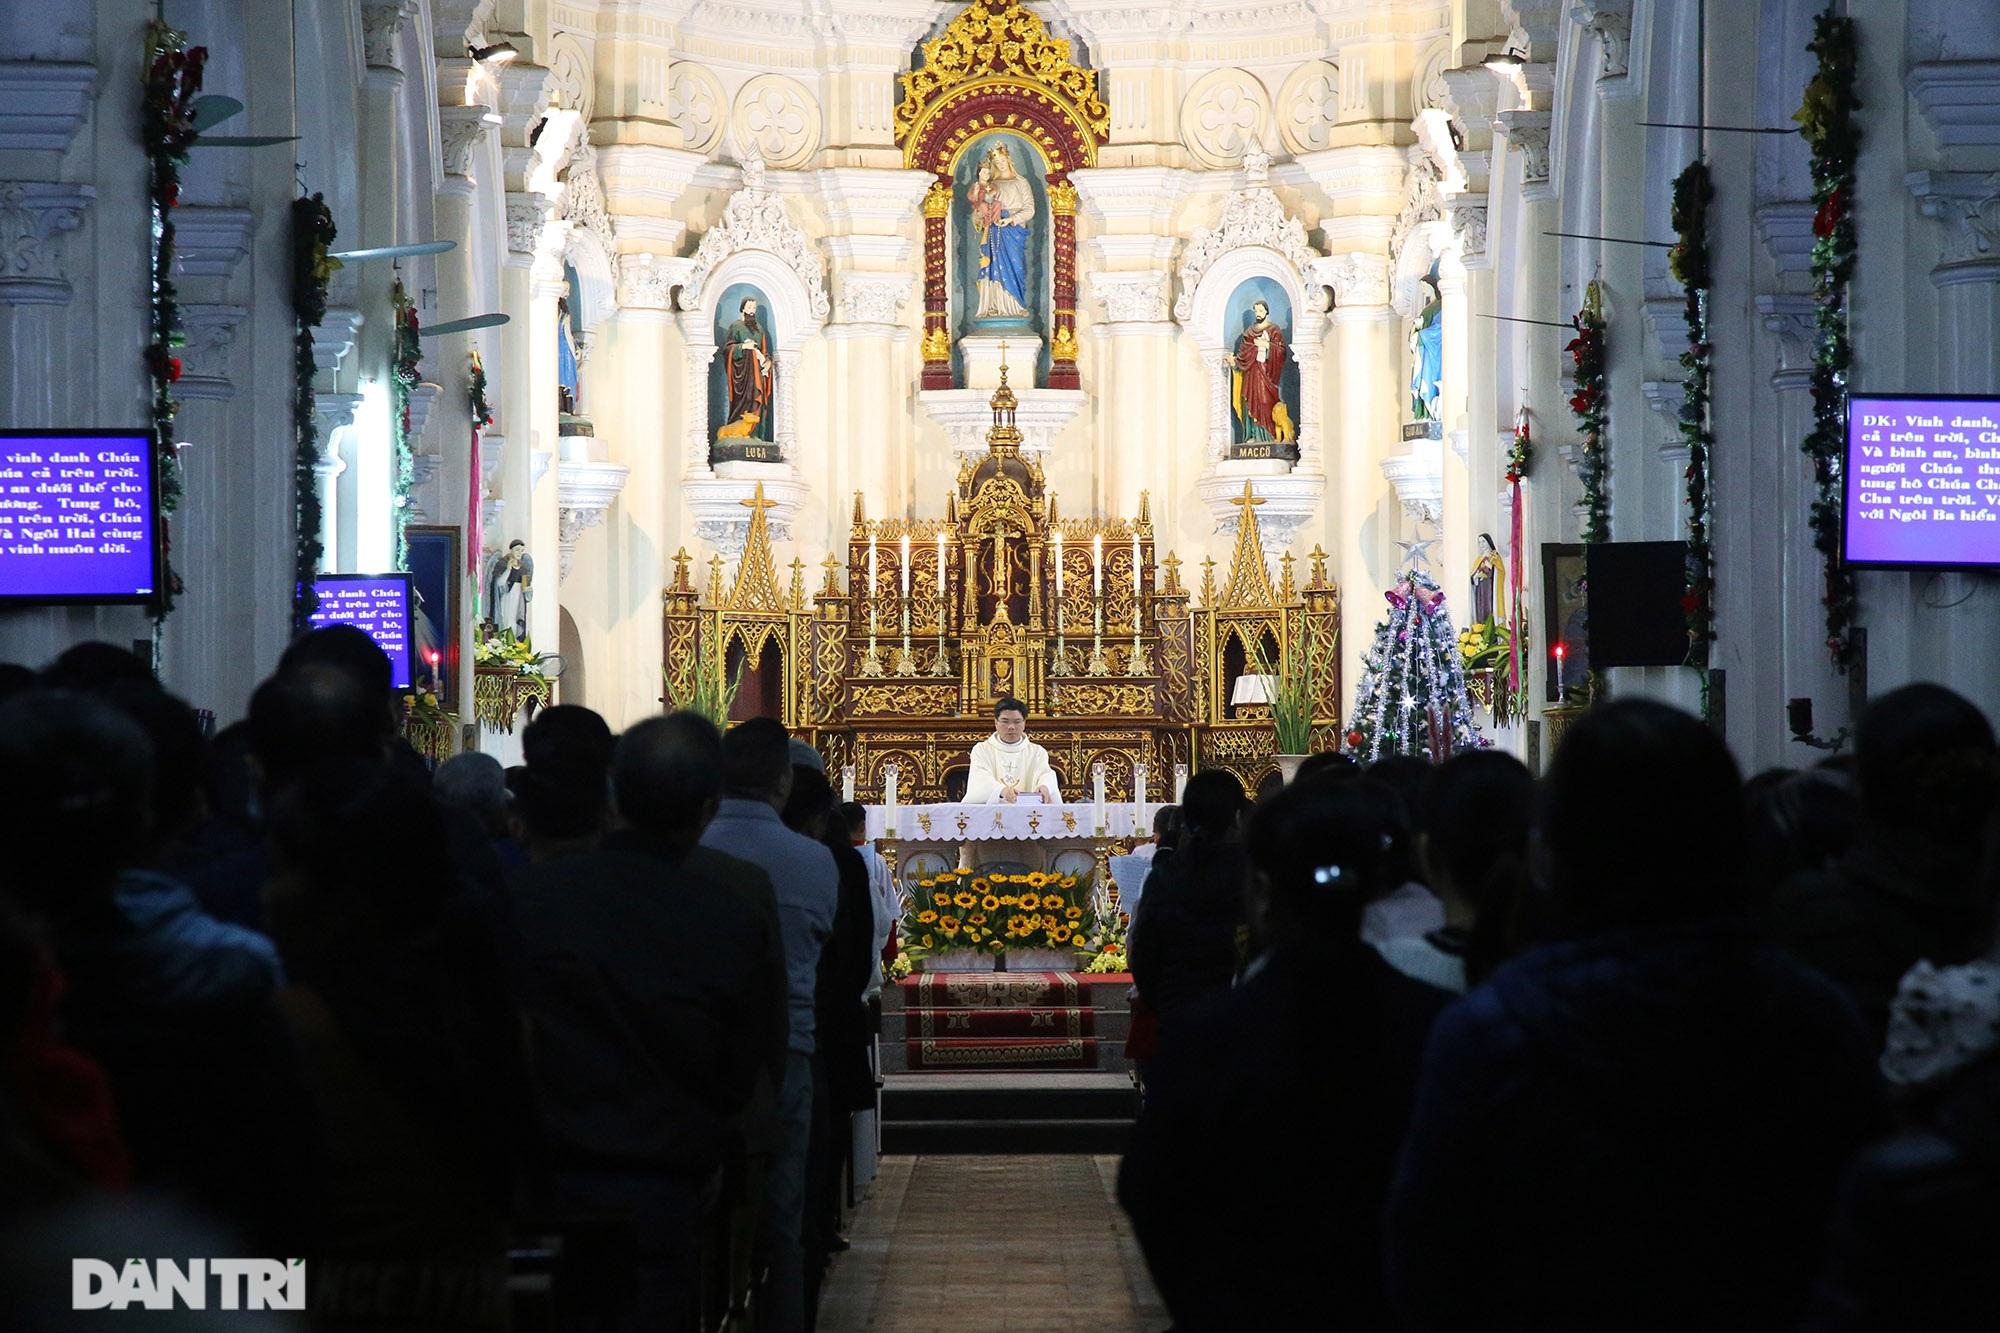 Đêm Giáng sinh lung linh ánh đèn tại xứ đạo Thạch Bích - 12